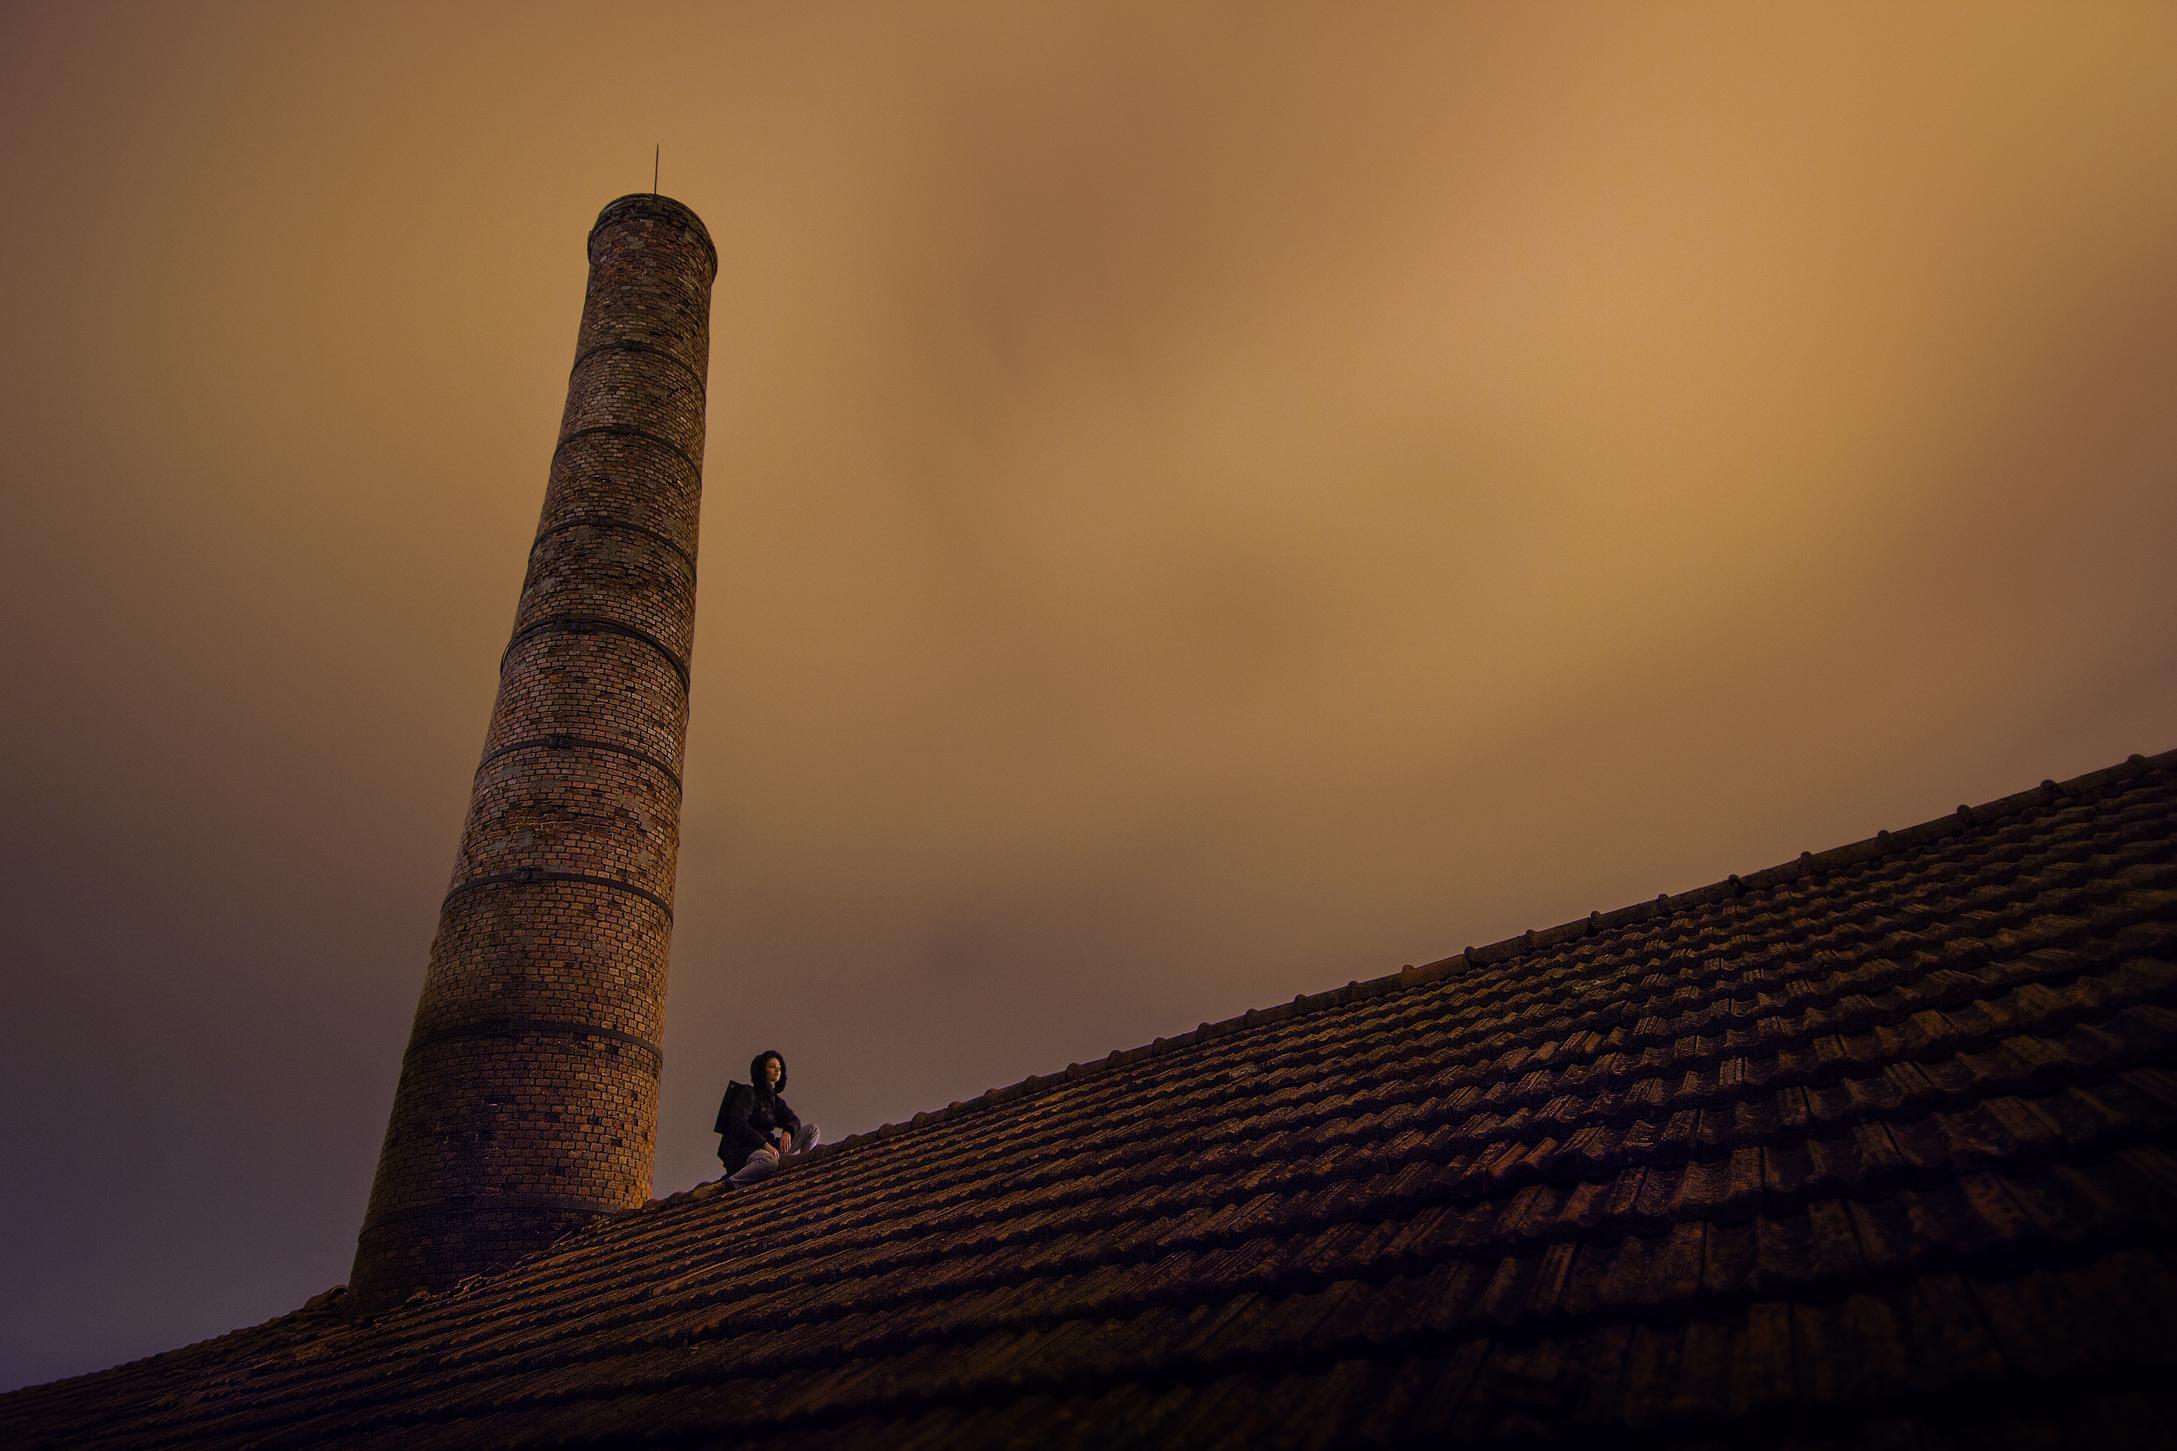 Réalisation vidéo et Photographie Artistique - Urbex de cheminée Tarbes